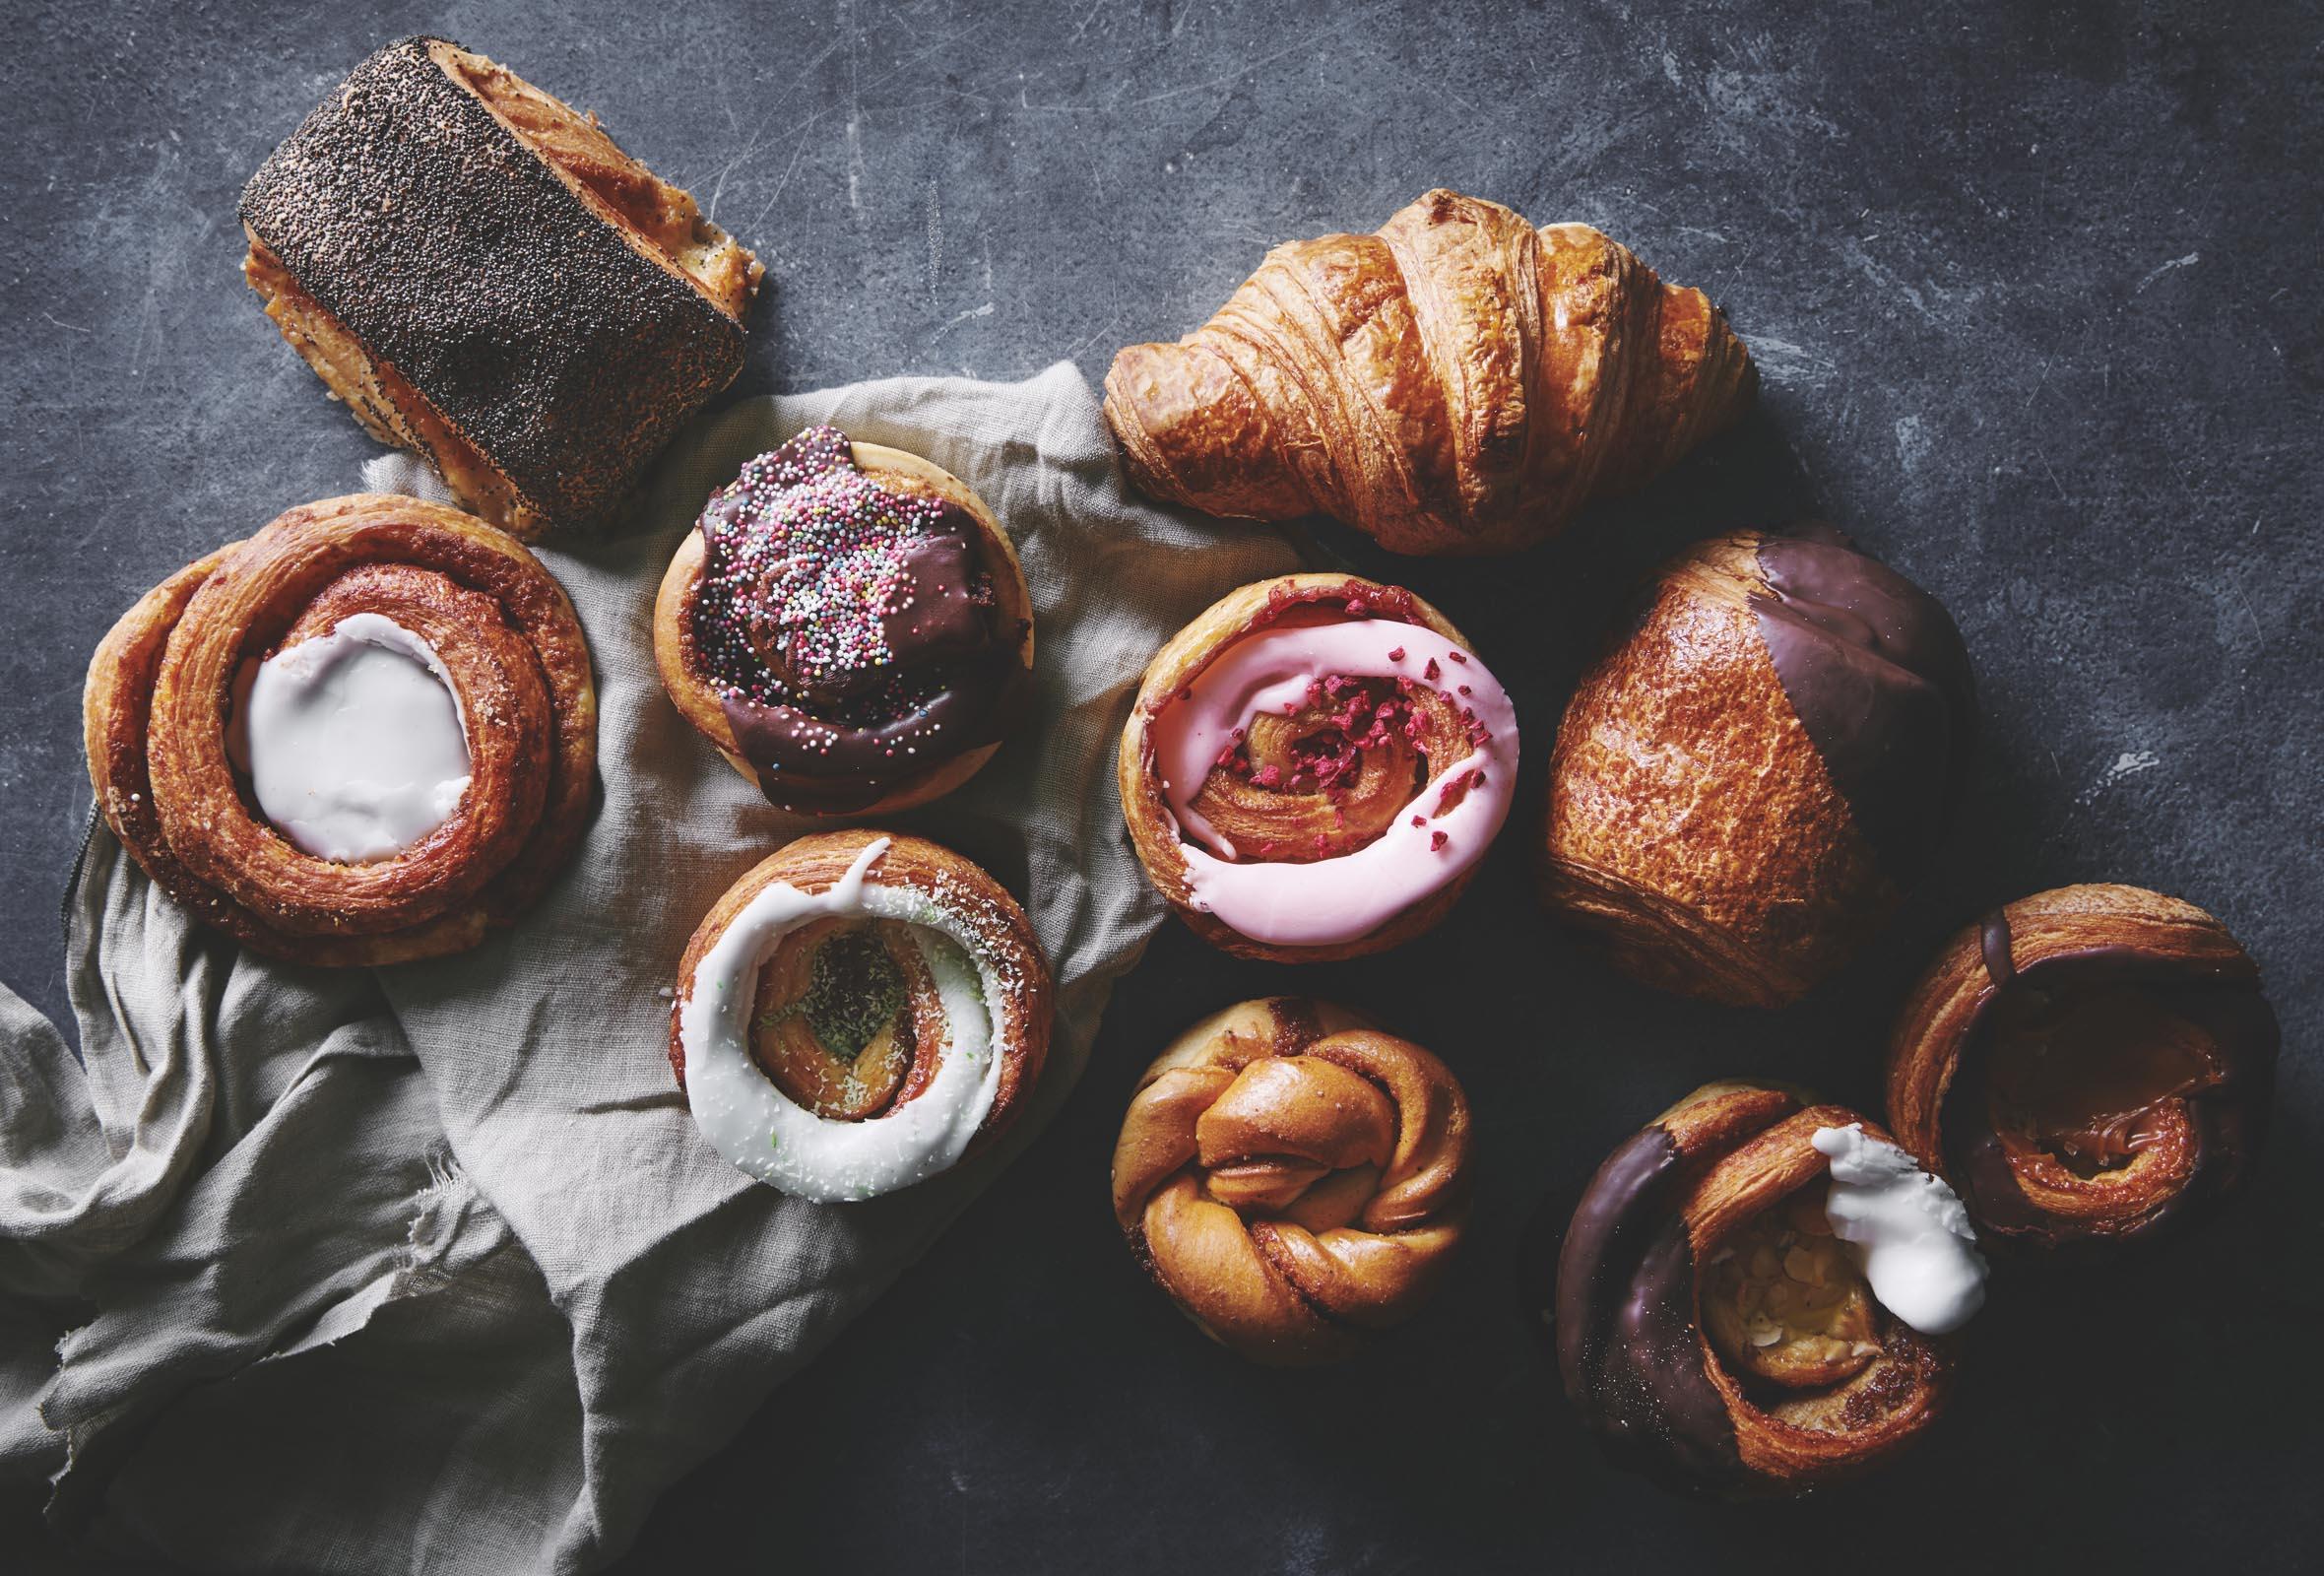 Frit valg til alt hos Lauras Bakery i Torvehallerne – Hipt bageri byder på alt fra surdejsbrød til træstammer, tebirkes, jordbærtærter, sandwich, snegle og croissanter